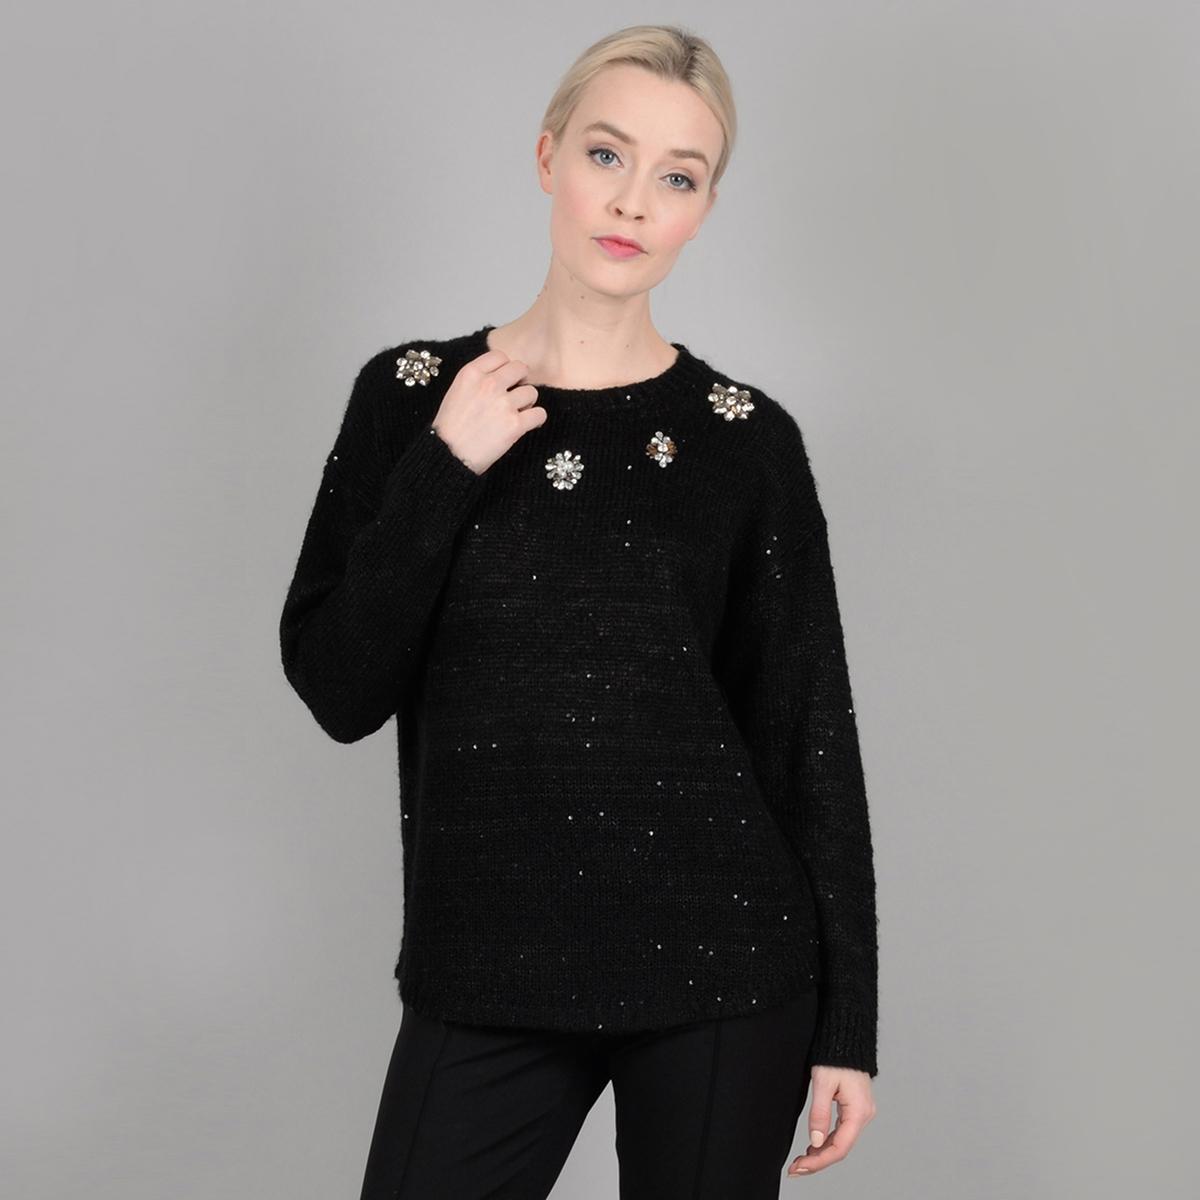 Пуловер La Redoute Из тонкого трикотажа с круглым вырезом и украшениями M черный пуловер la redoute с круглым вырезом из тонкого трикотажа m бежевый